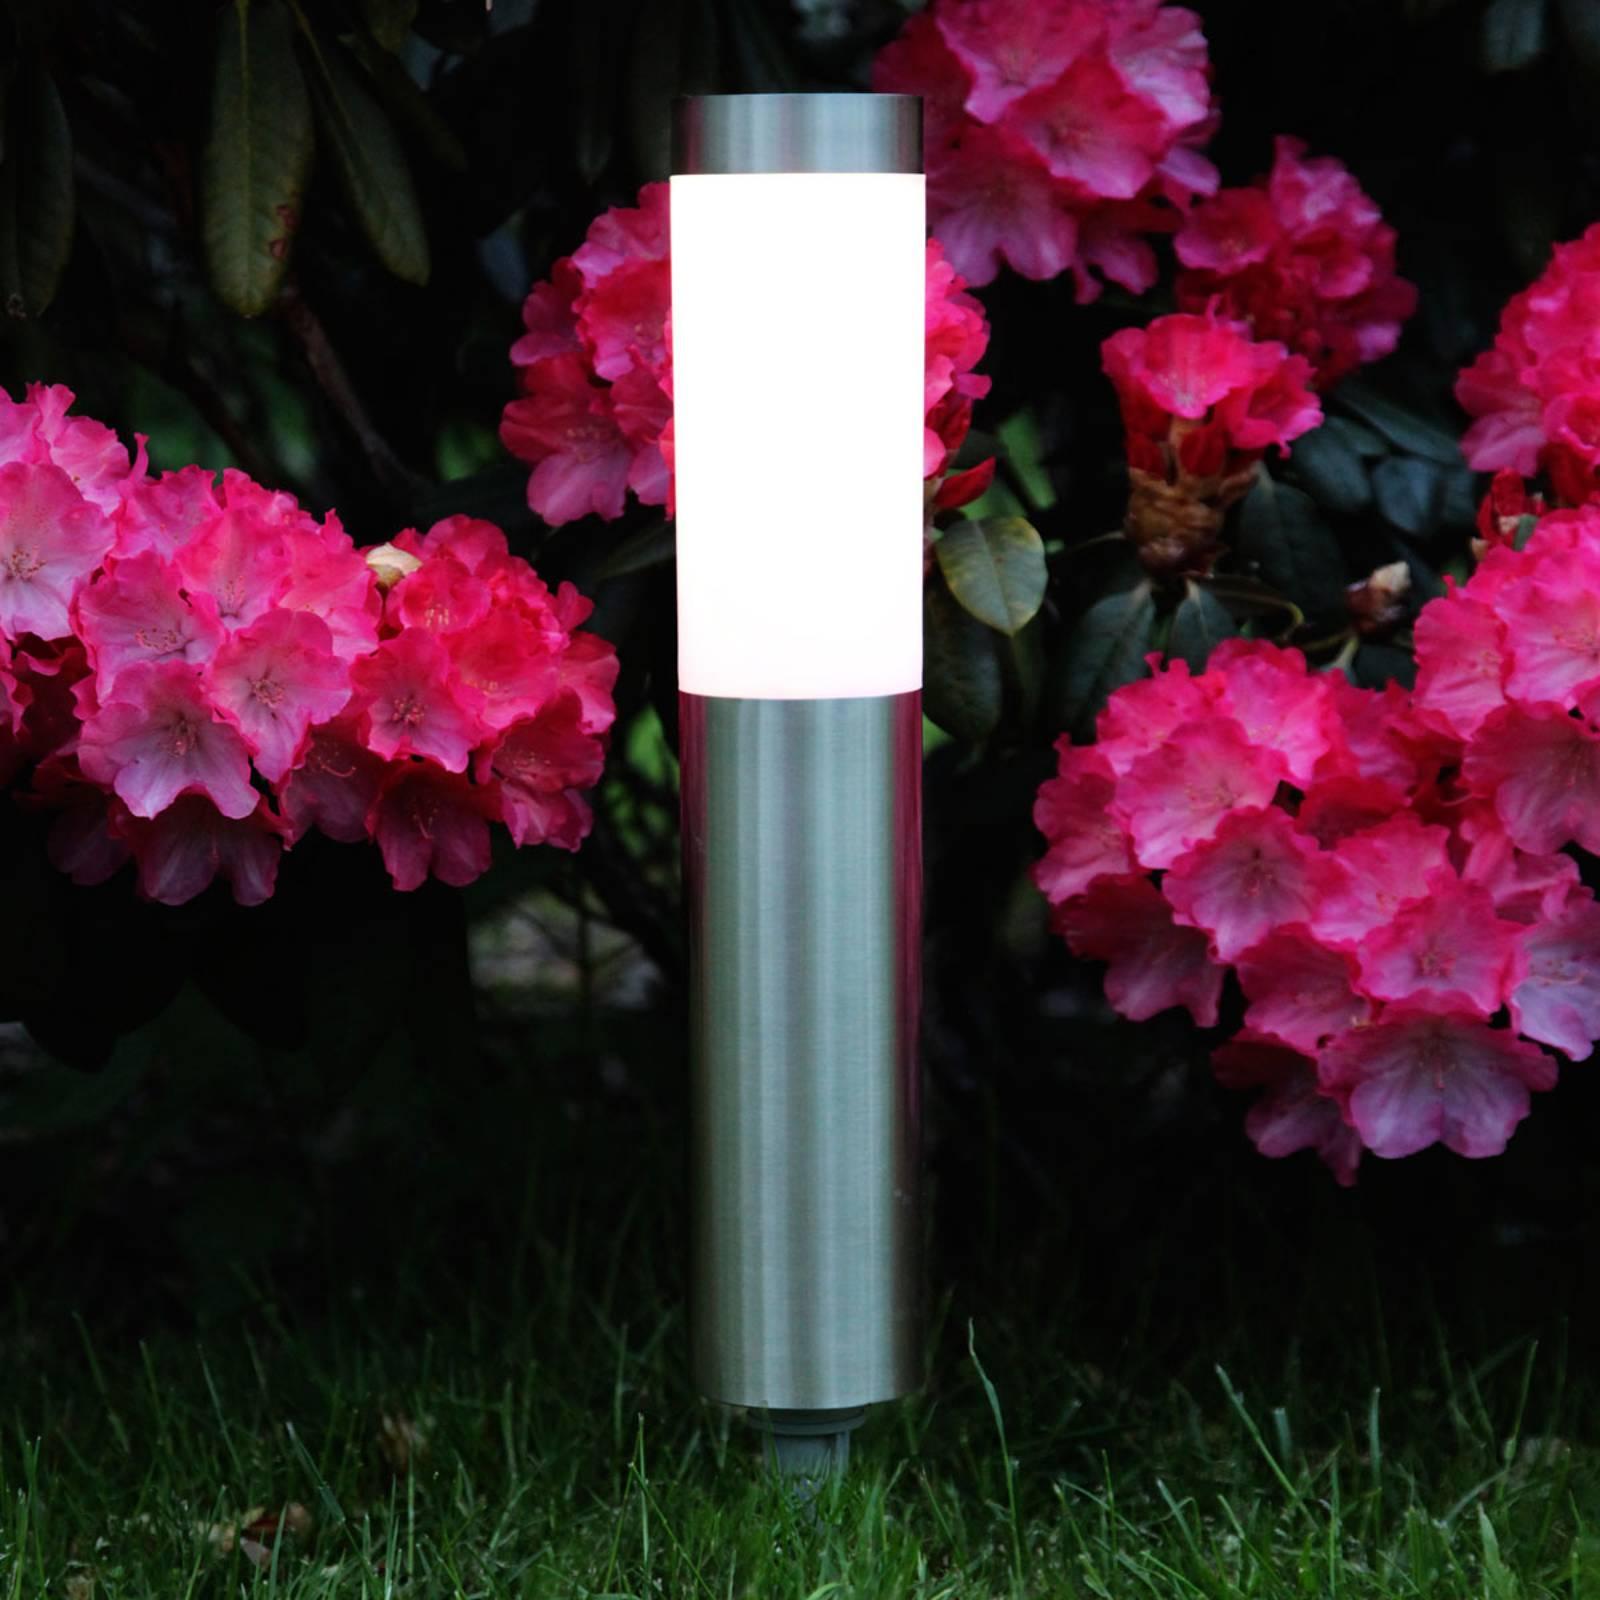 Lieriön mallinen LED-maapiikkilamppu Freya